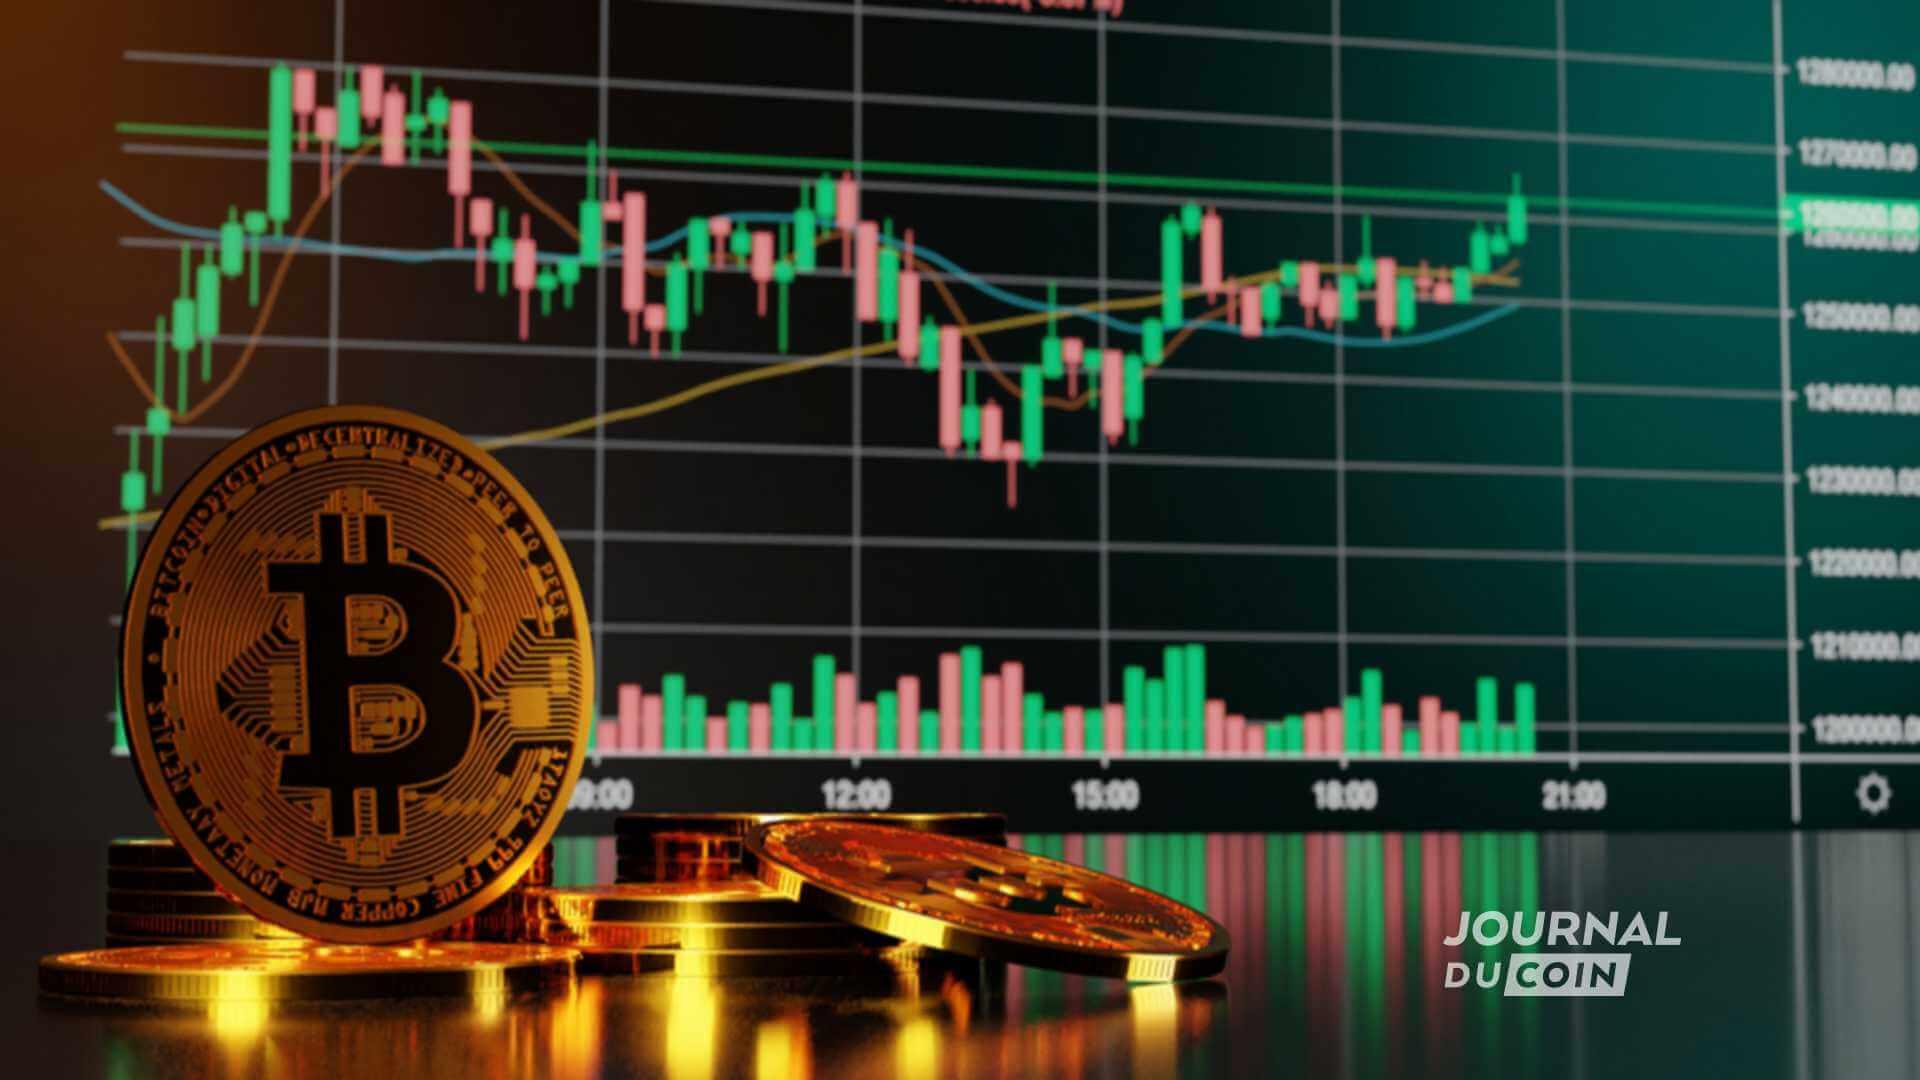 La puissance de Bitcoin, sans l'hyper-volatilité ? Robinhood dévoile sa solution